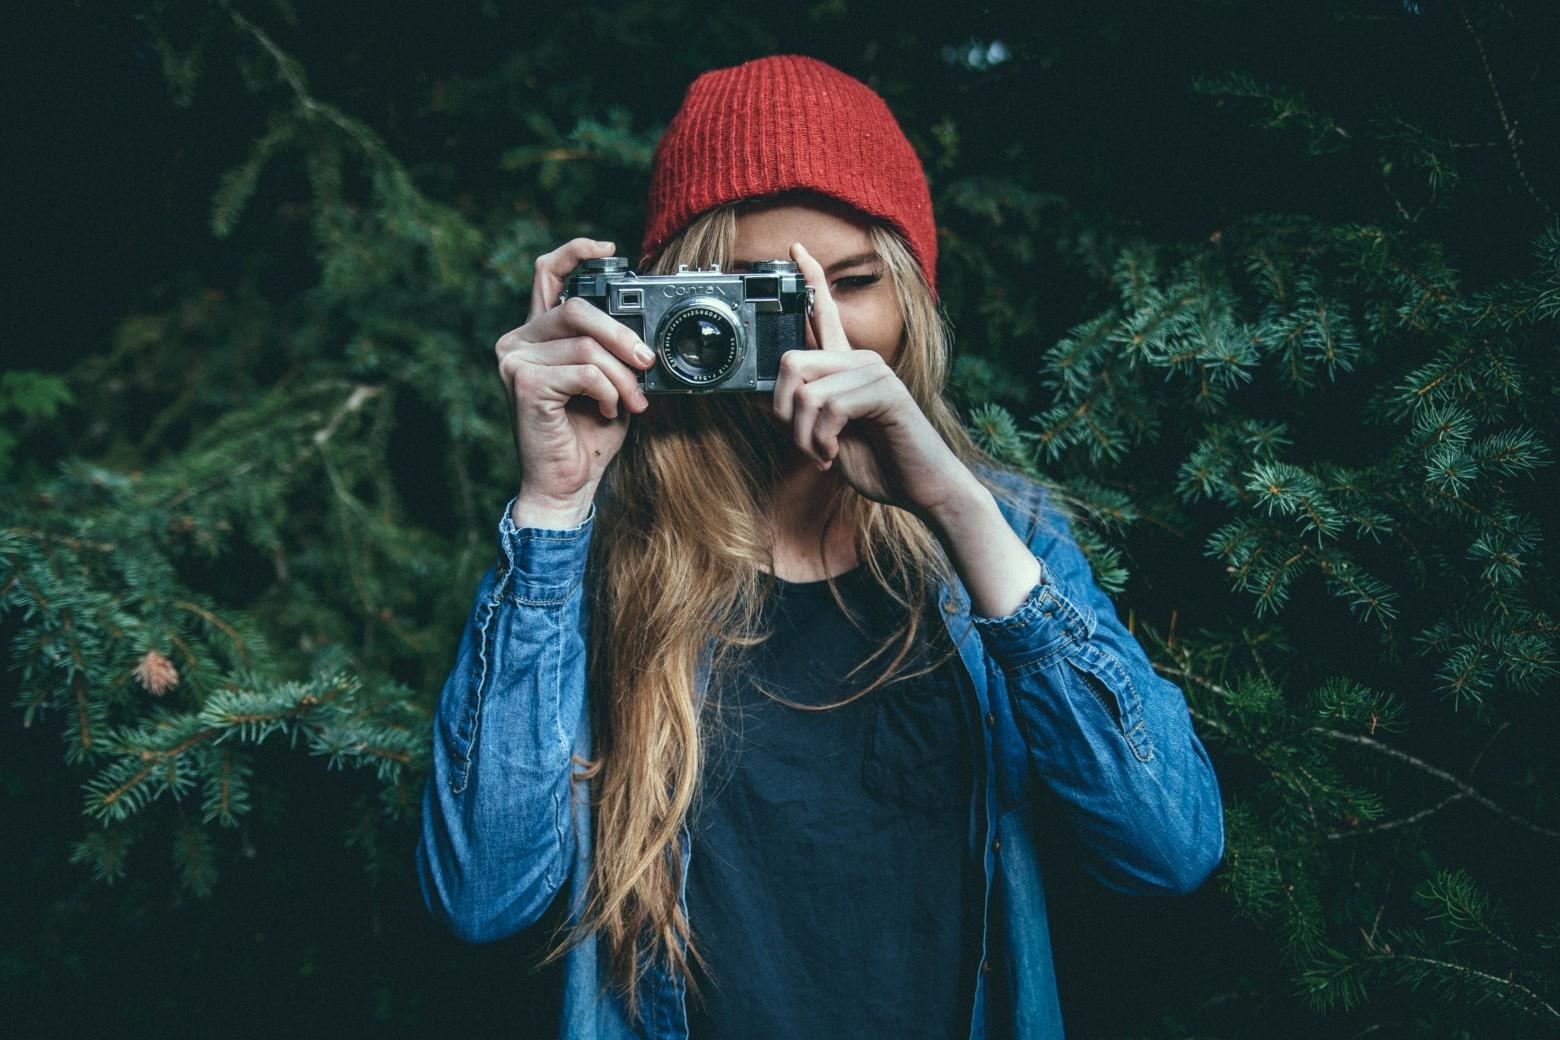 eine Frau mit roter Mütze hinter einer Kamera